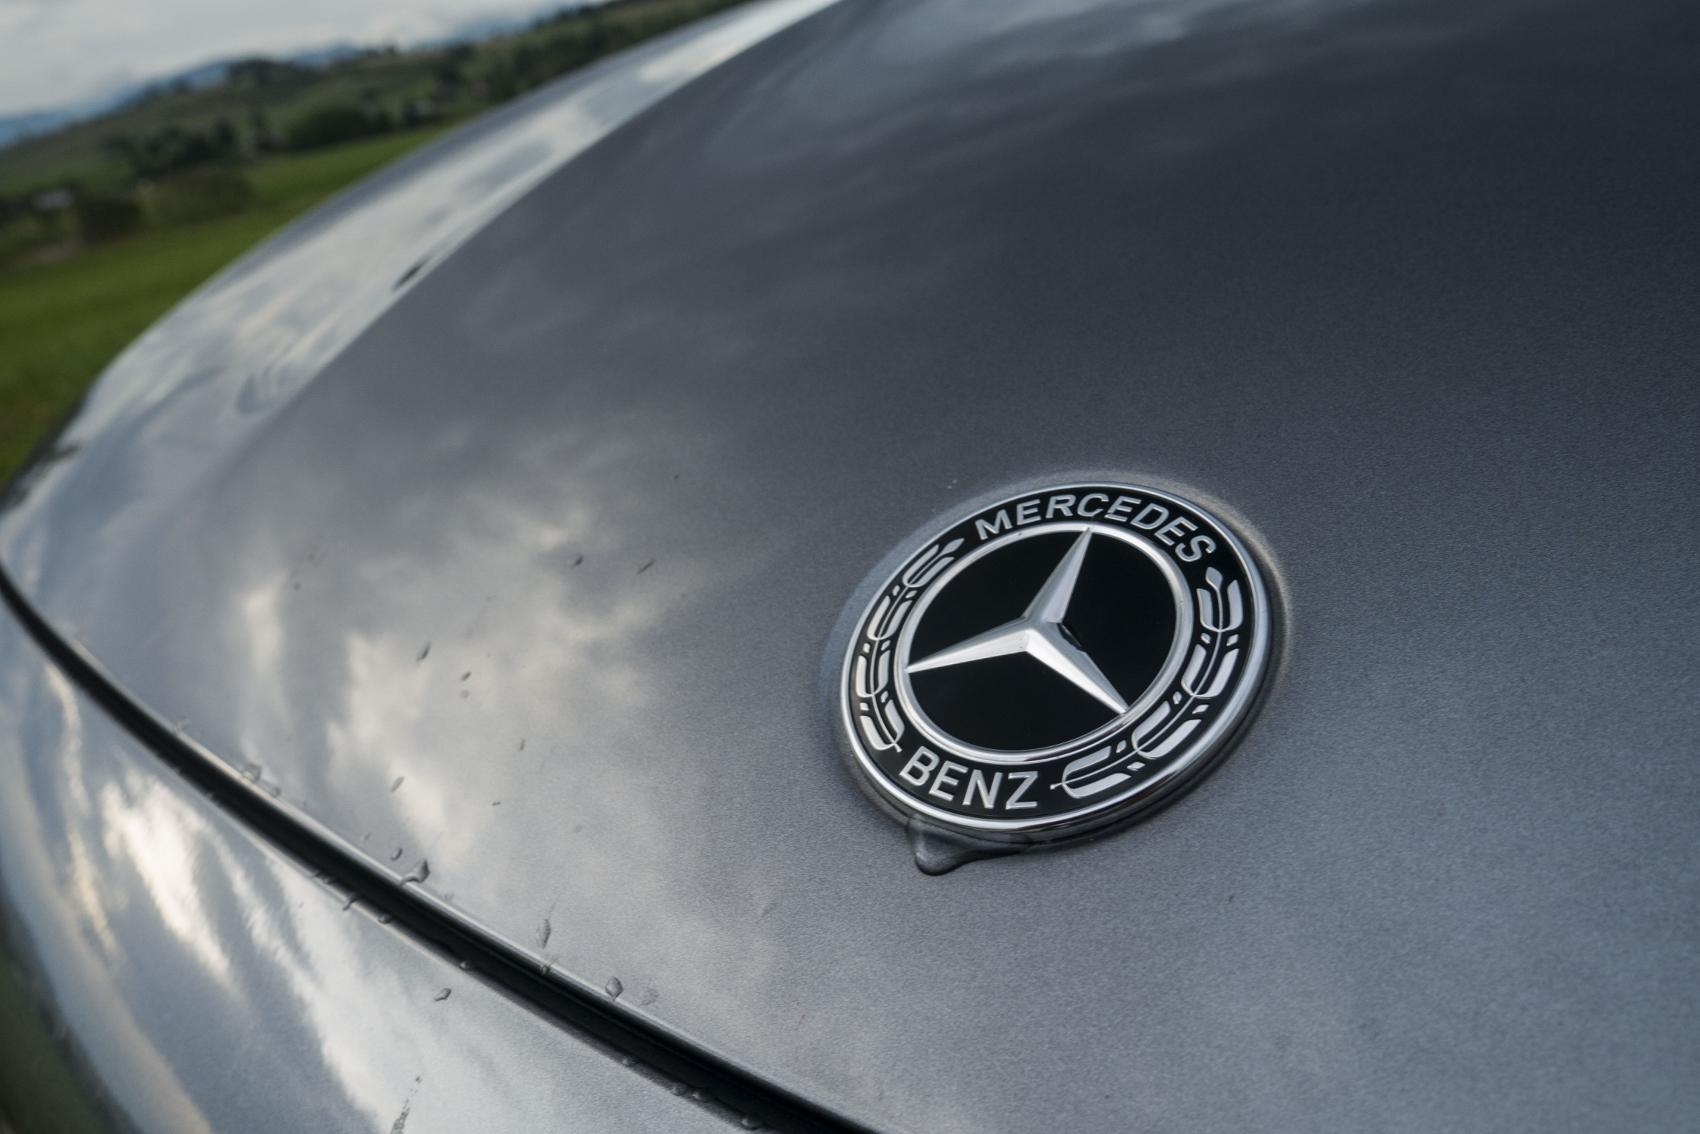 Test: Mercedes GLB 200 ponúka veľký priestor v malom balení Ajph4tKKxe mercedes-glb-16-1700x1134